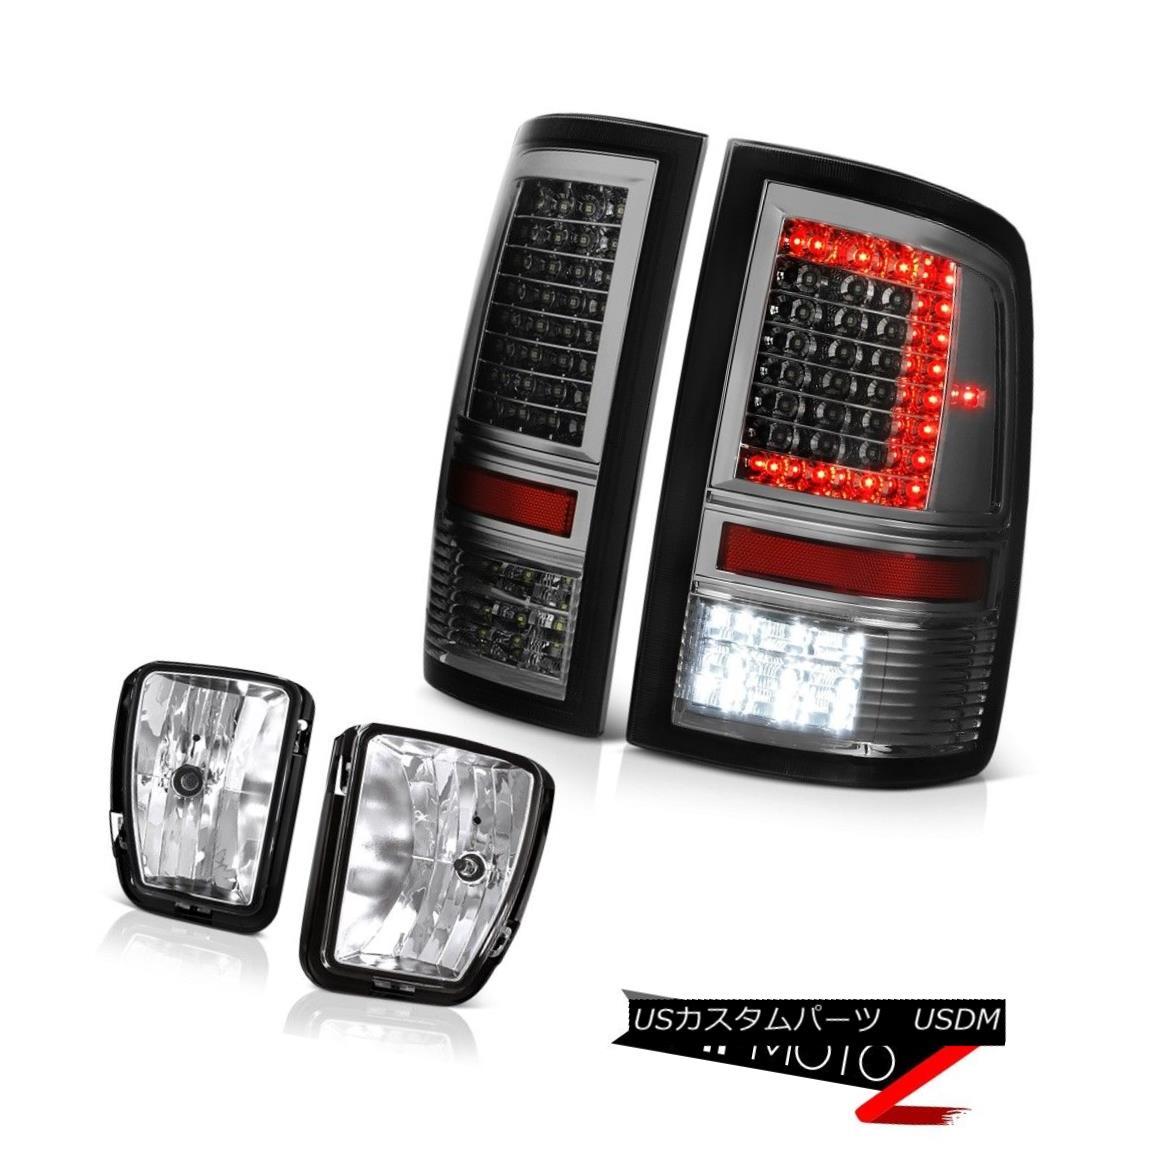 テールライト 13-18 RAM 1500 Crystal Clear Driving Lamp Tail Lamps Replacement Assembly SET 13-18 RAM 1500クリスタルクリアドライブランプテールランプ交換アセンブリSET